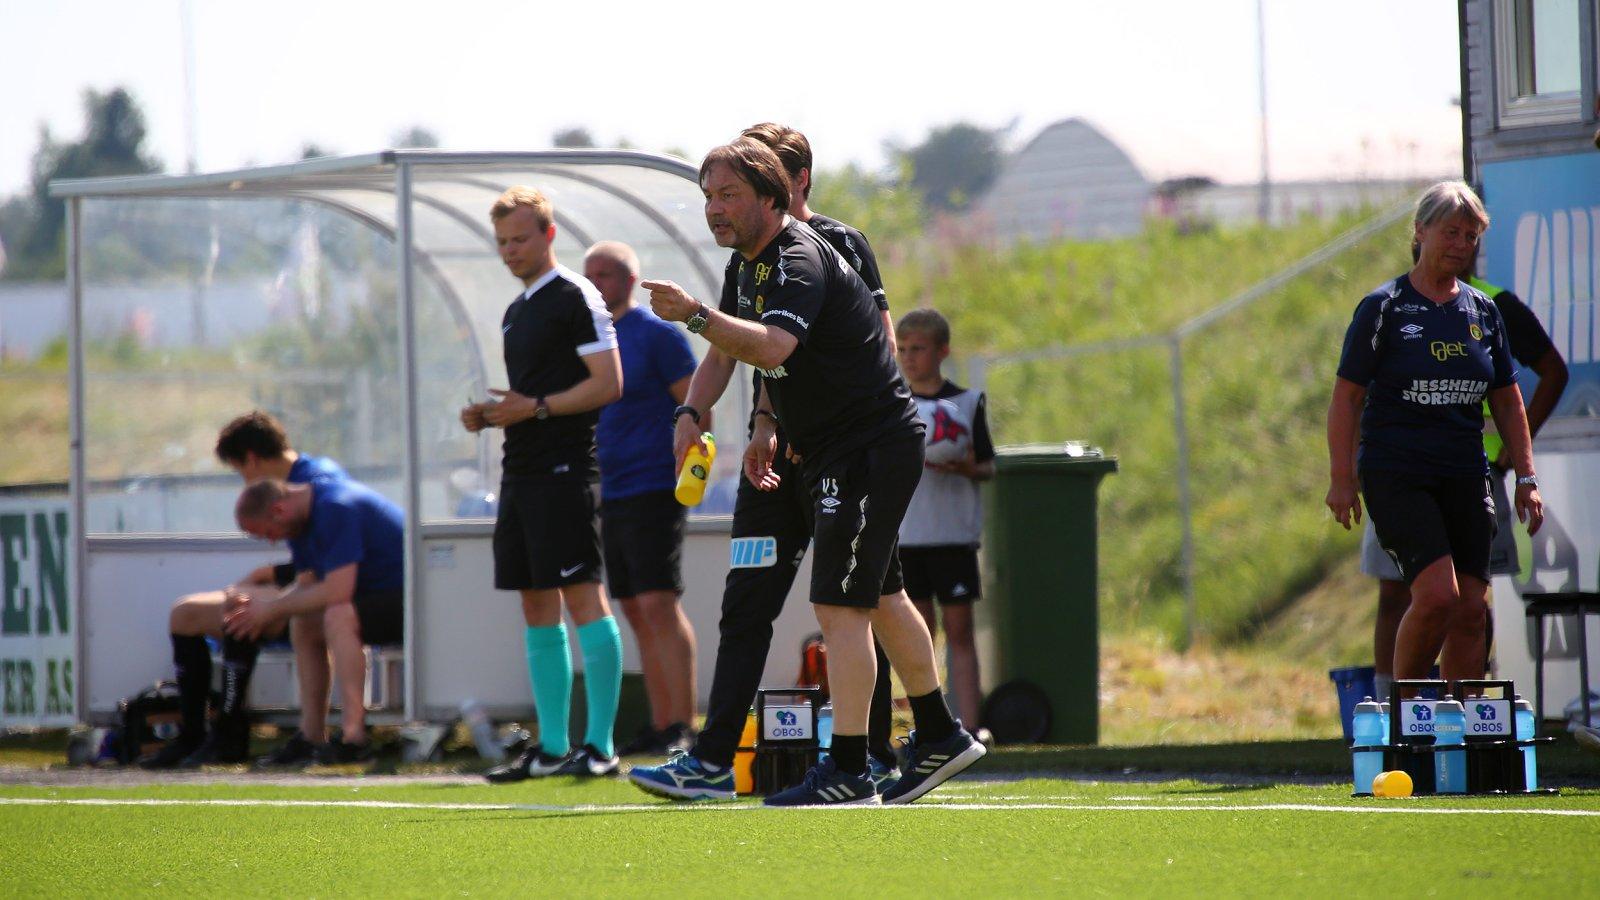 Ull/Kisa-trener Vegard Skogheim dirigerer fra sidelinjen. FOTO: Bjørn Hytjanstorp